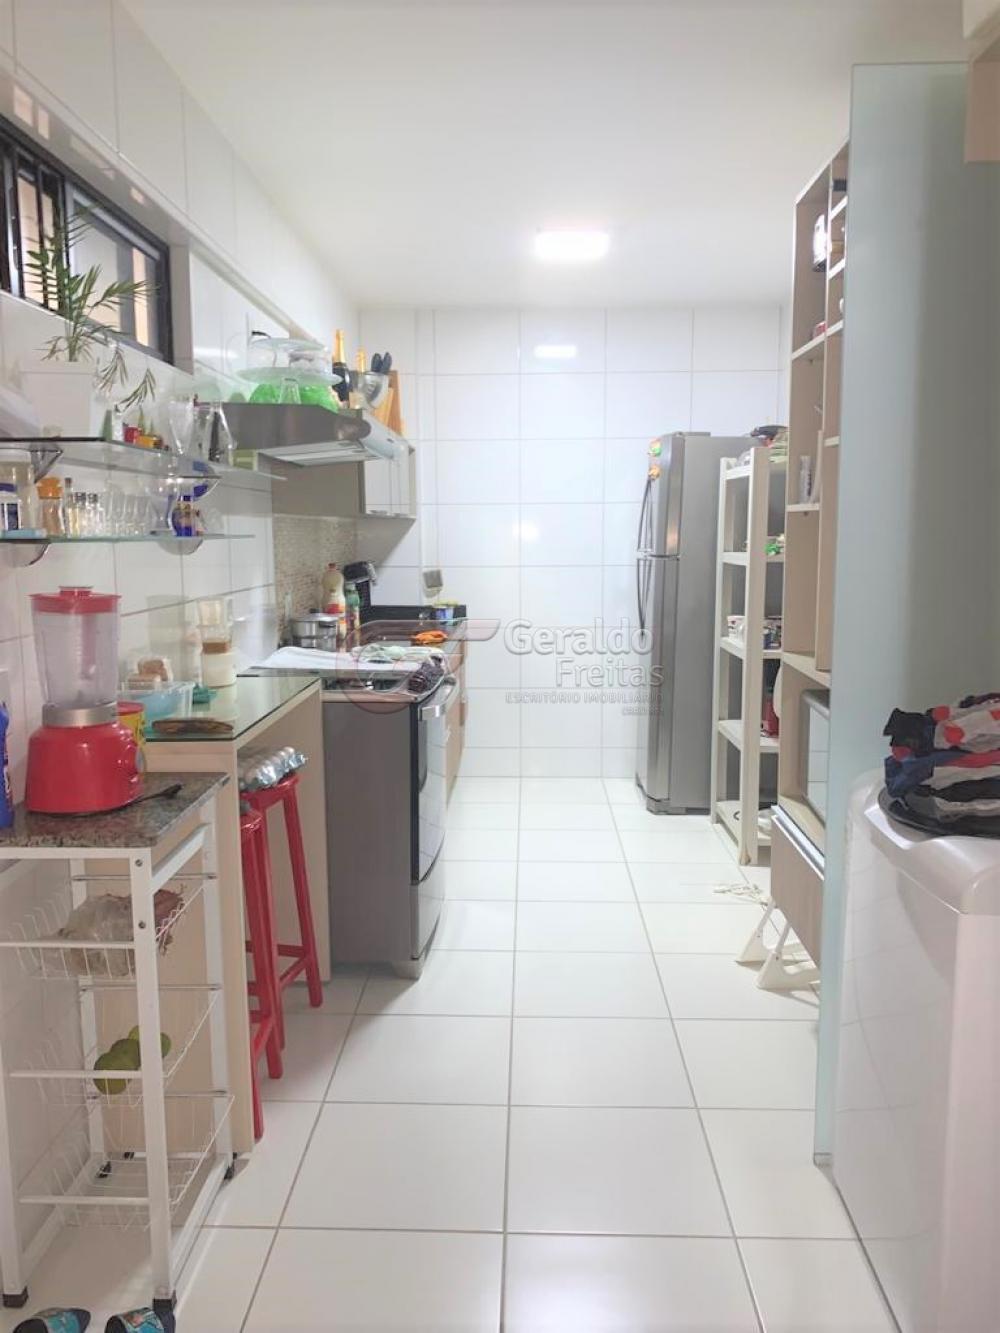 Comprar Apartamentos / Padrão em Maceió R$ 760.000,00 - Foto 7